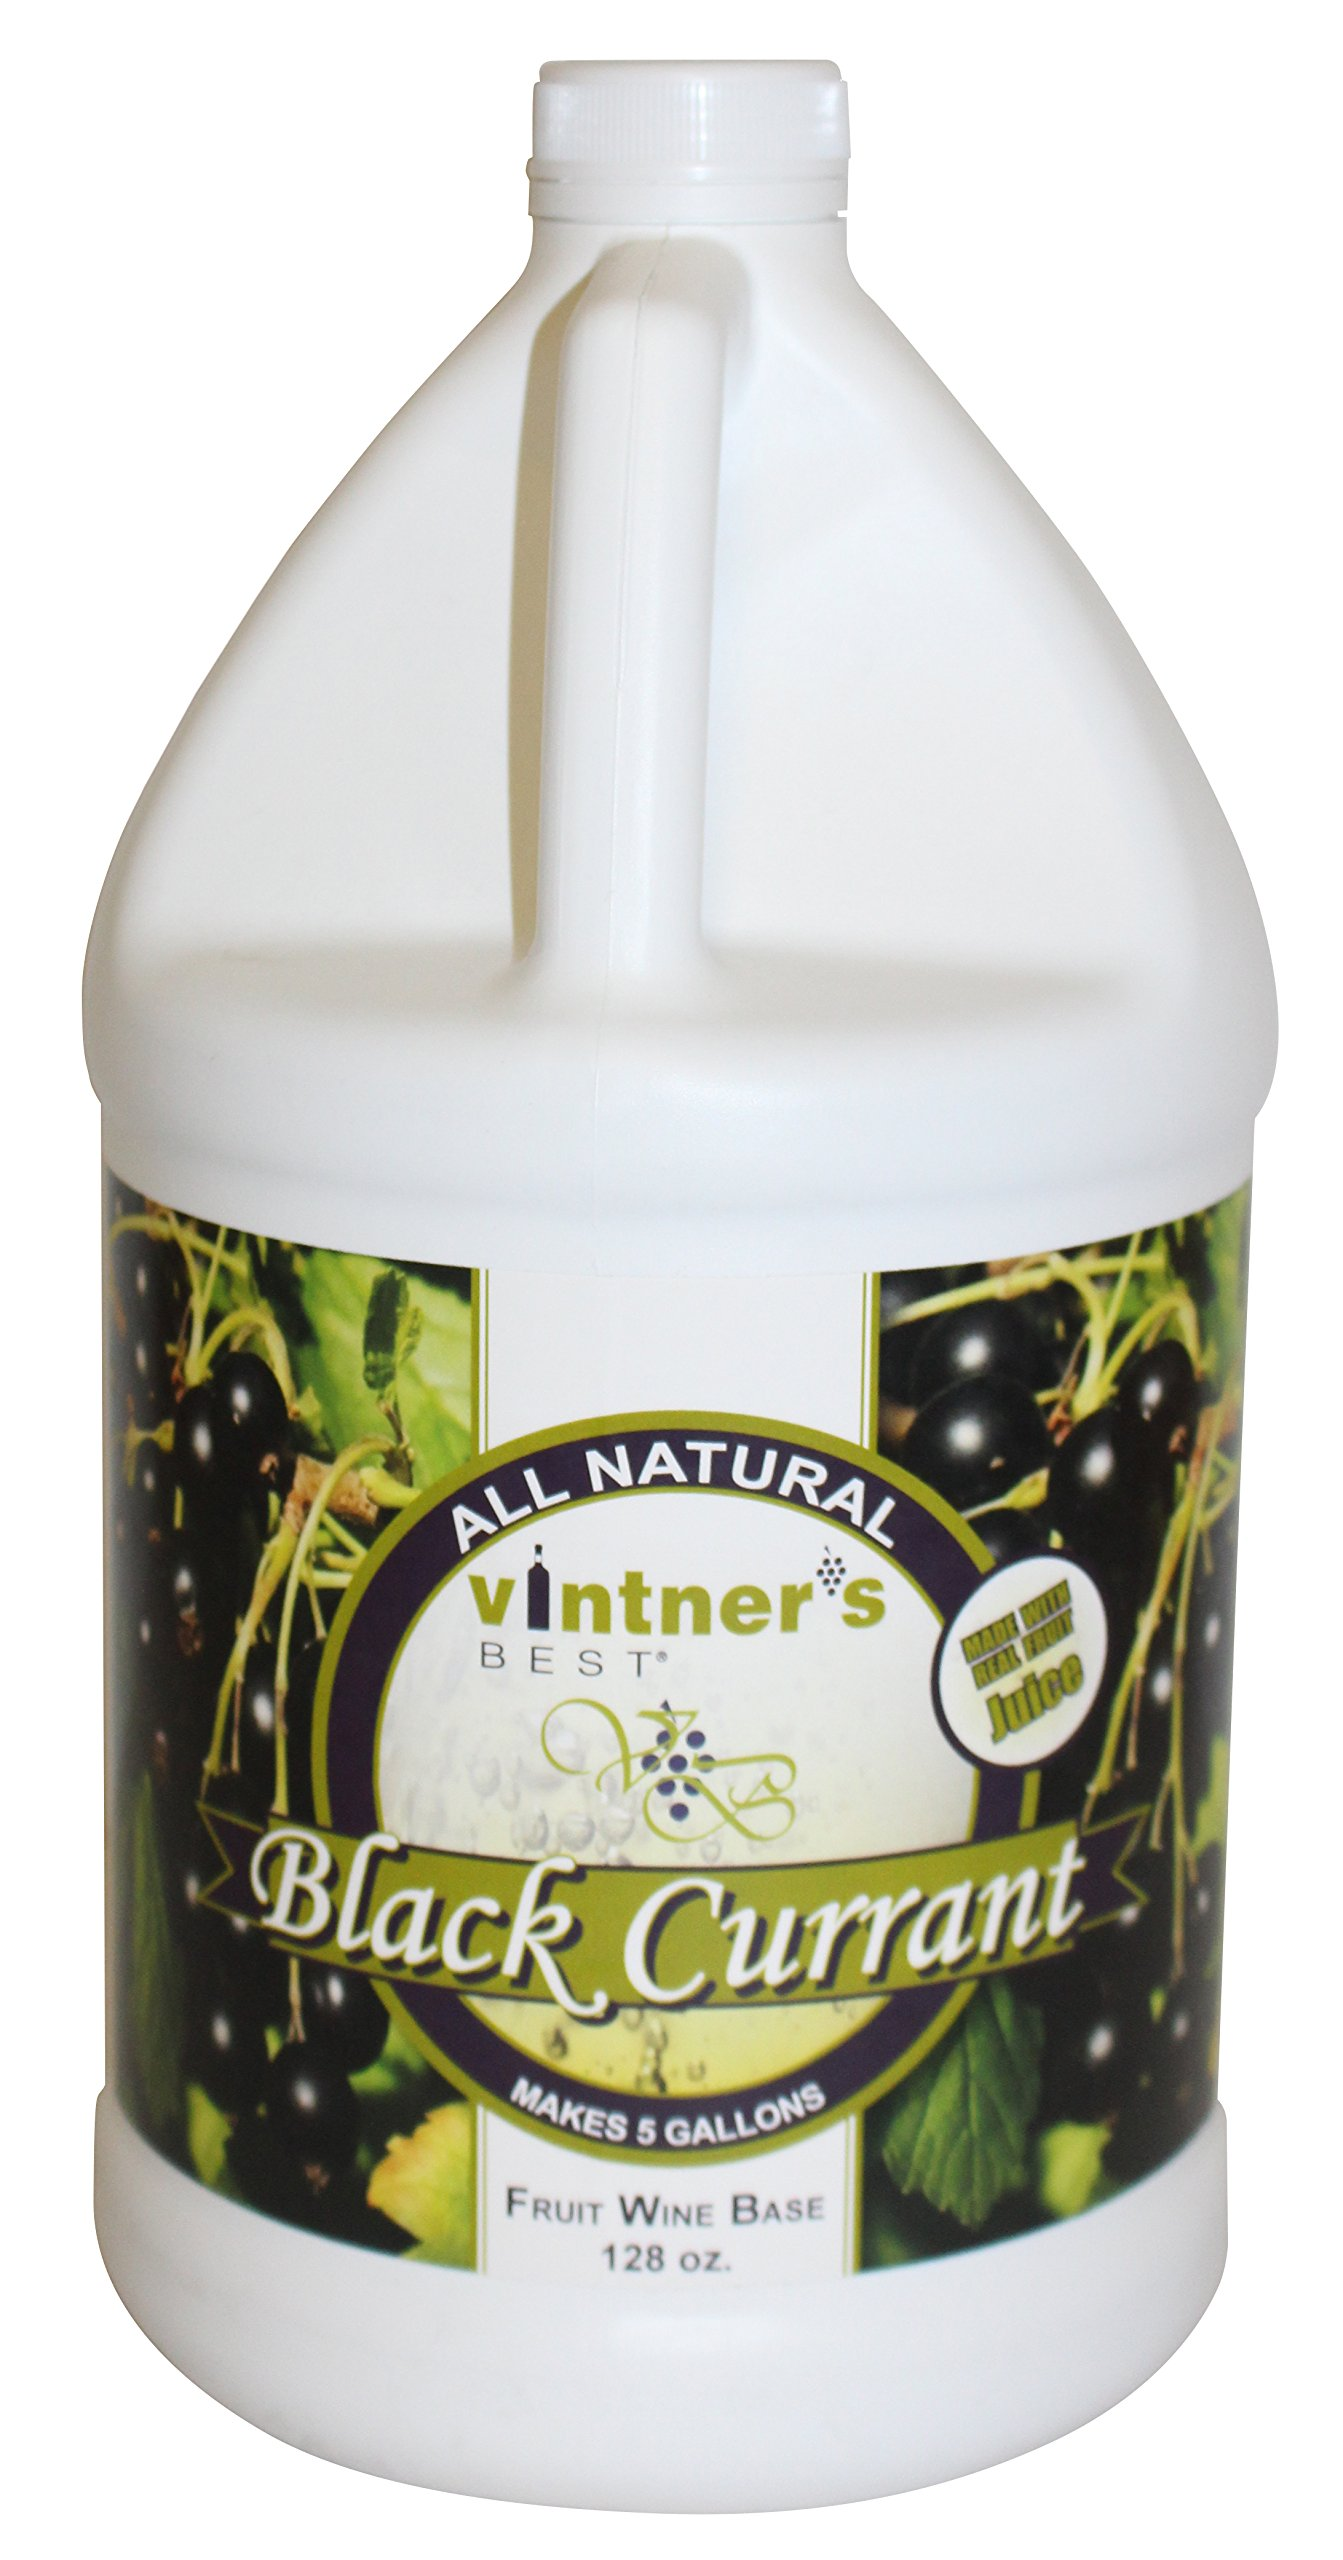 Vintner's Best Black Currant Wine Base-128 oz. Jug